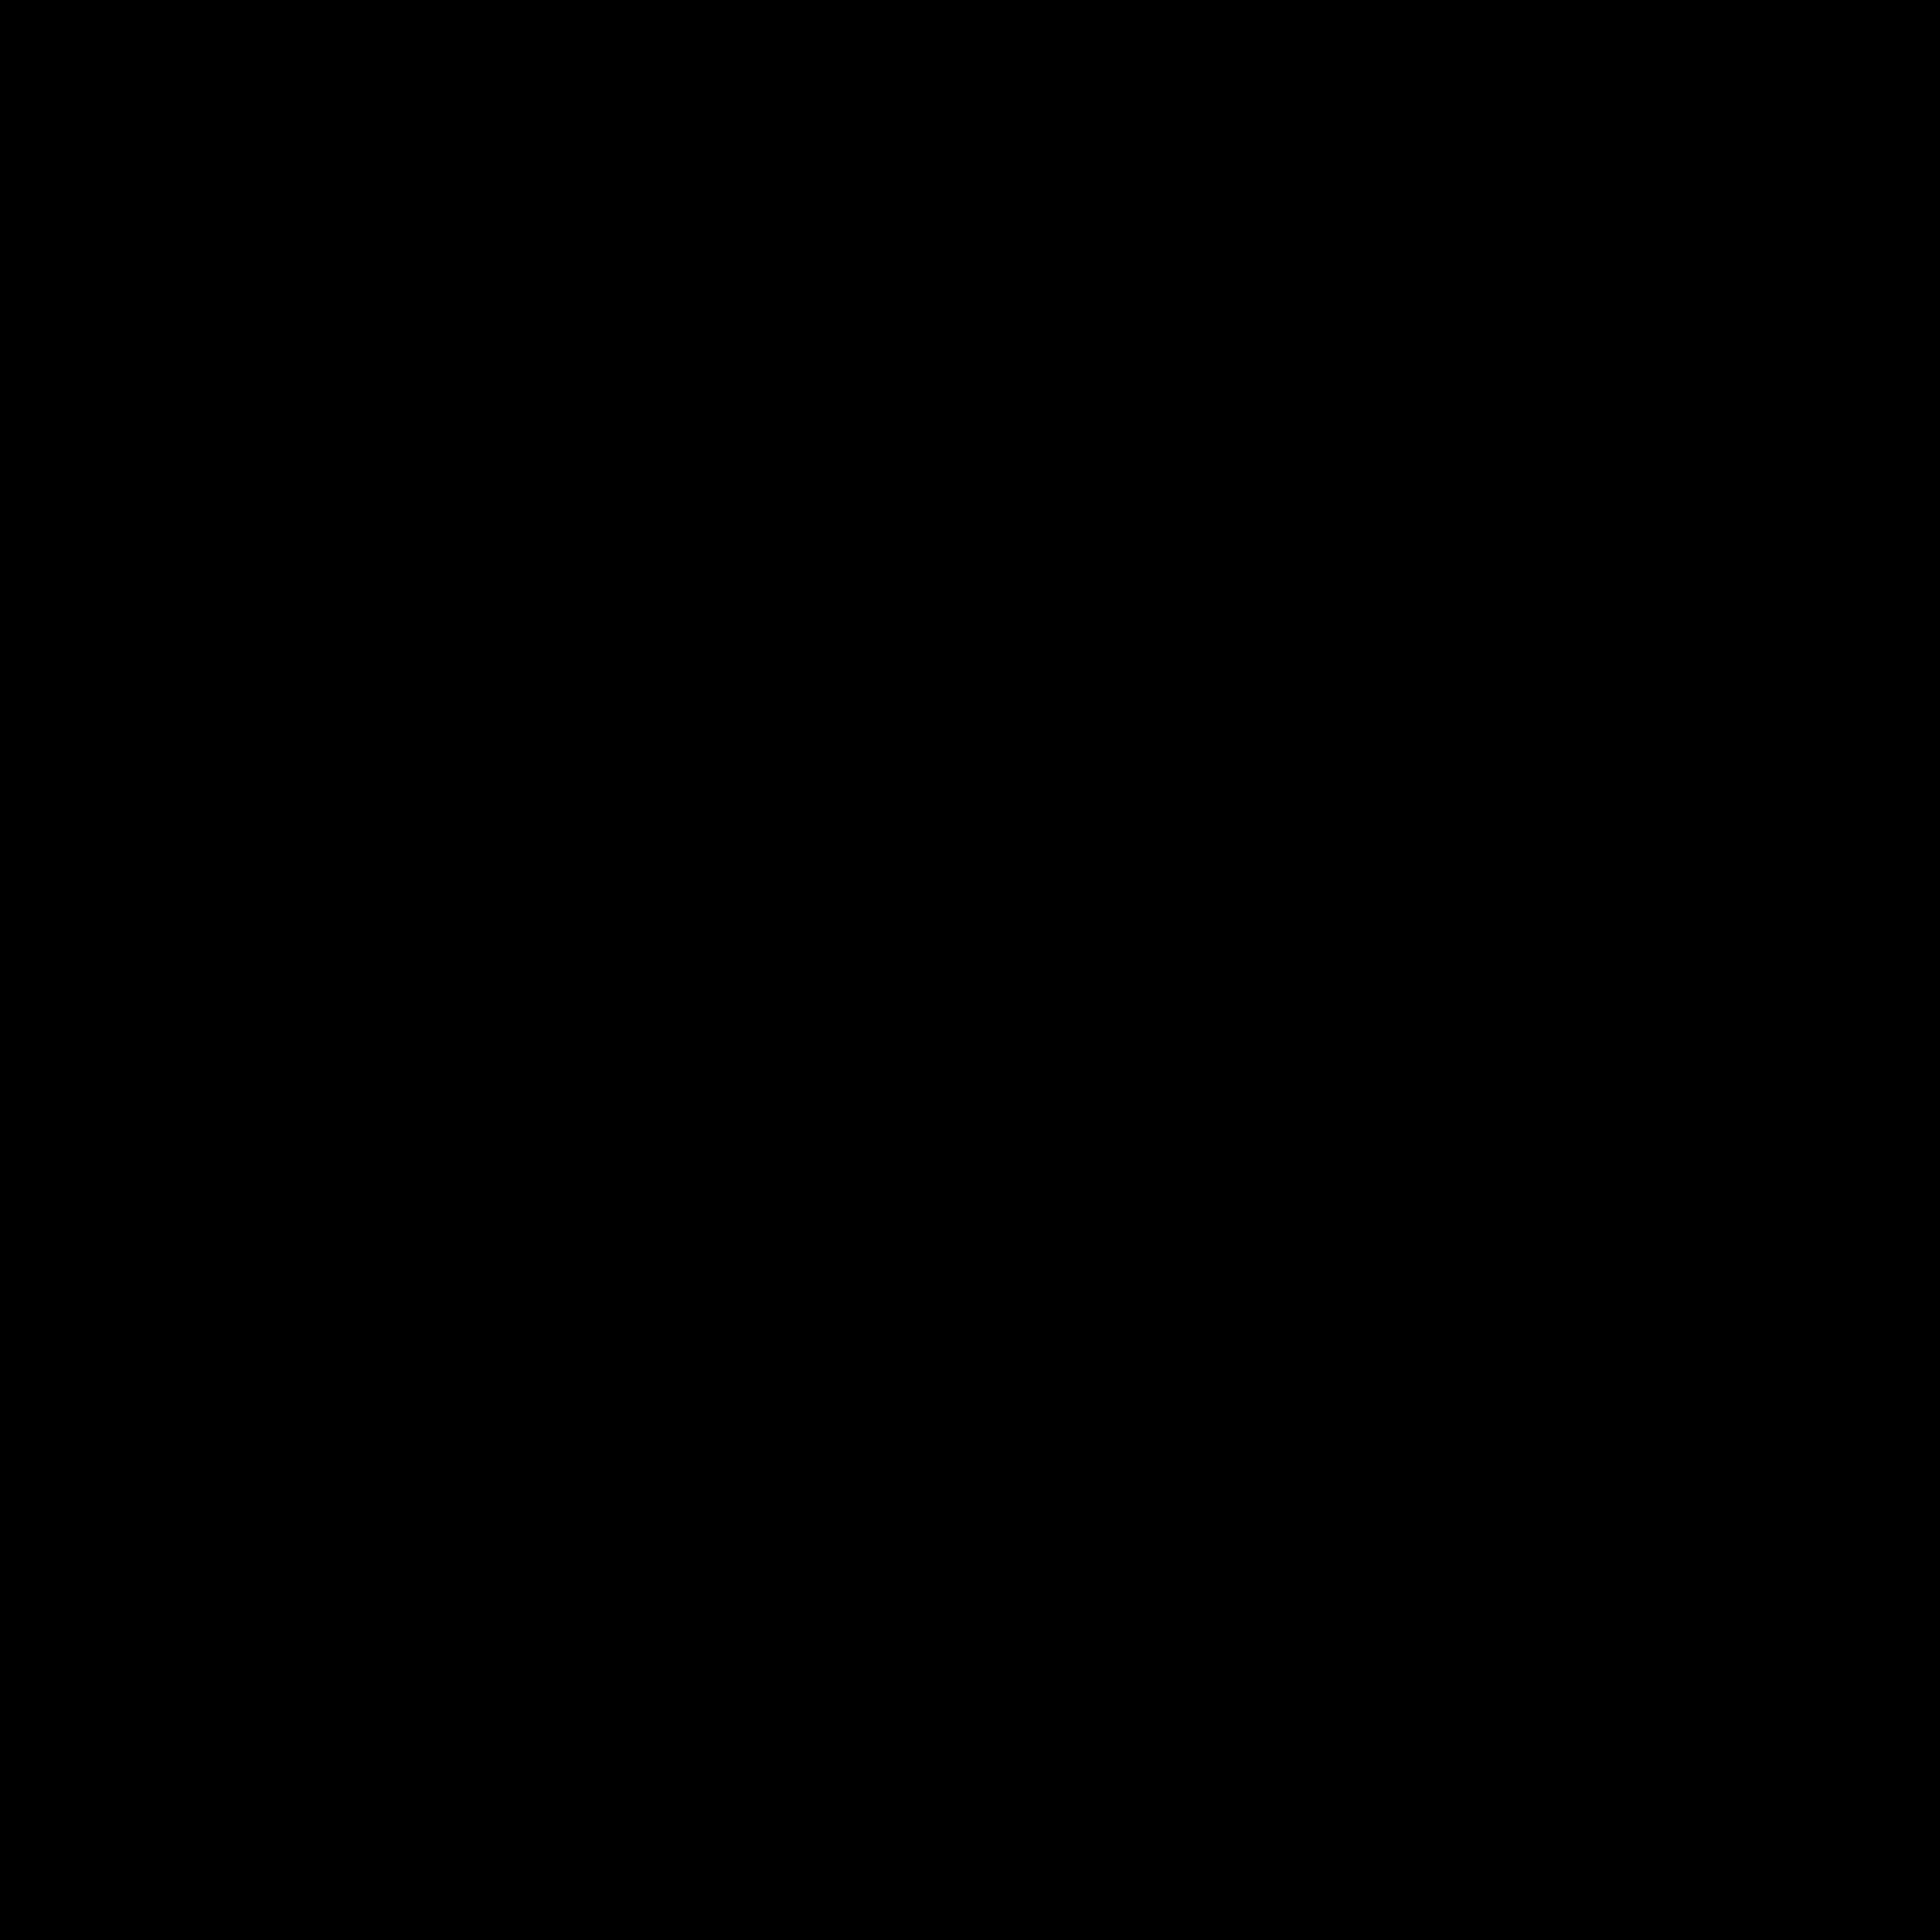 LVM Versicherung Thomas Kräusel - Versicherungsagentur